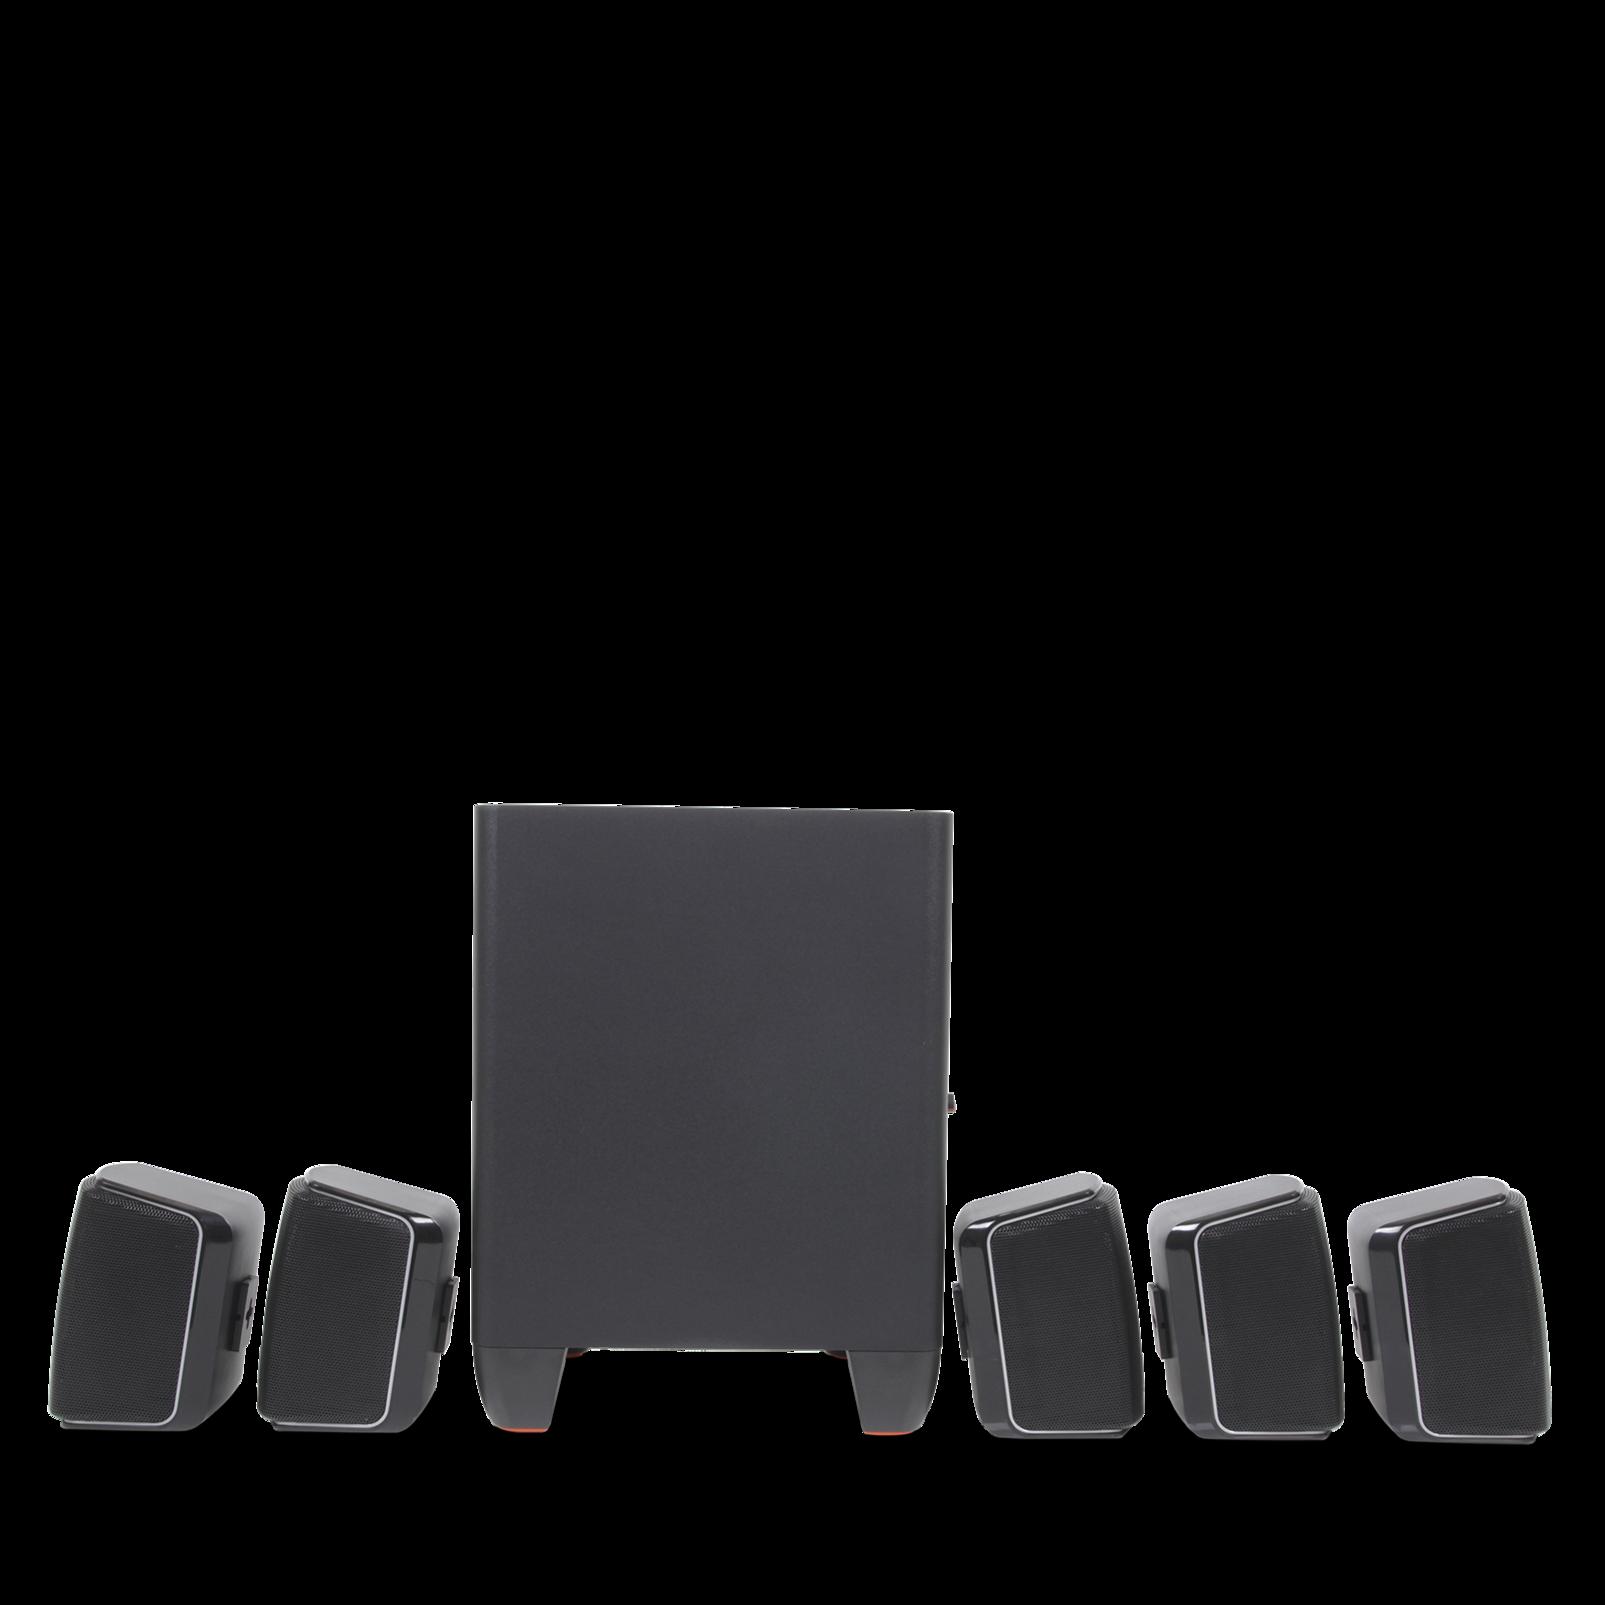 Jbl Cinema 510 5 1 Speaker System